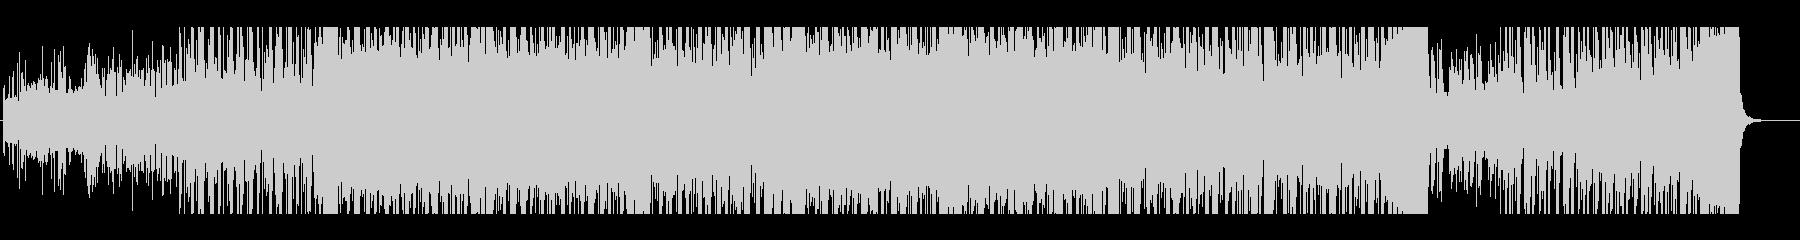 90年代感のあるSTG、RCG向けBGMの未再生の波形